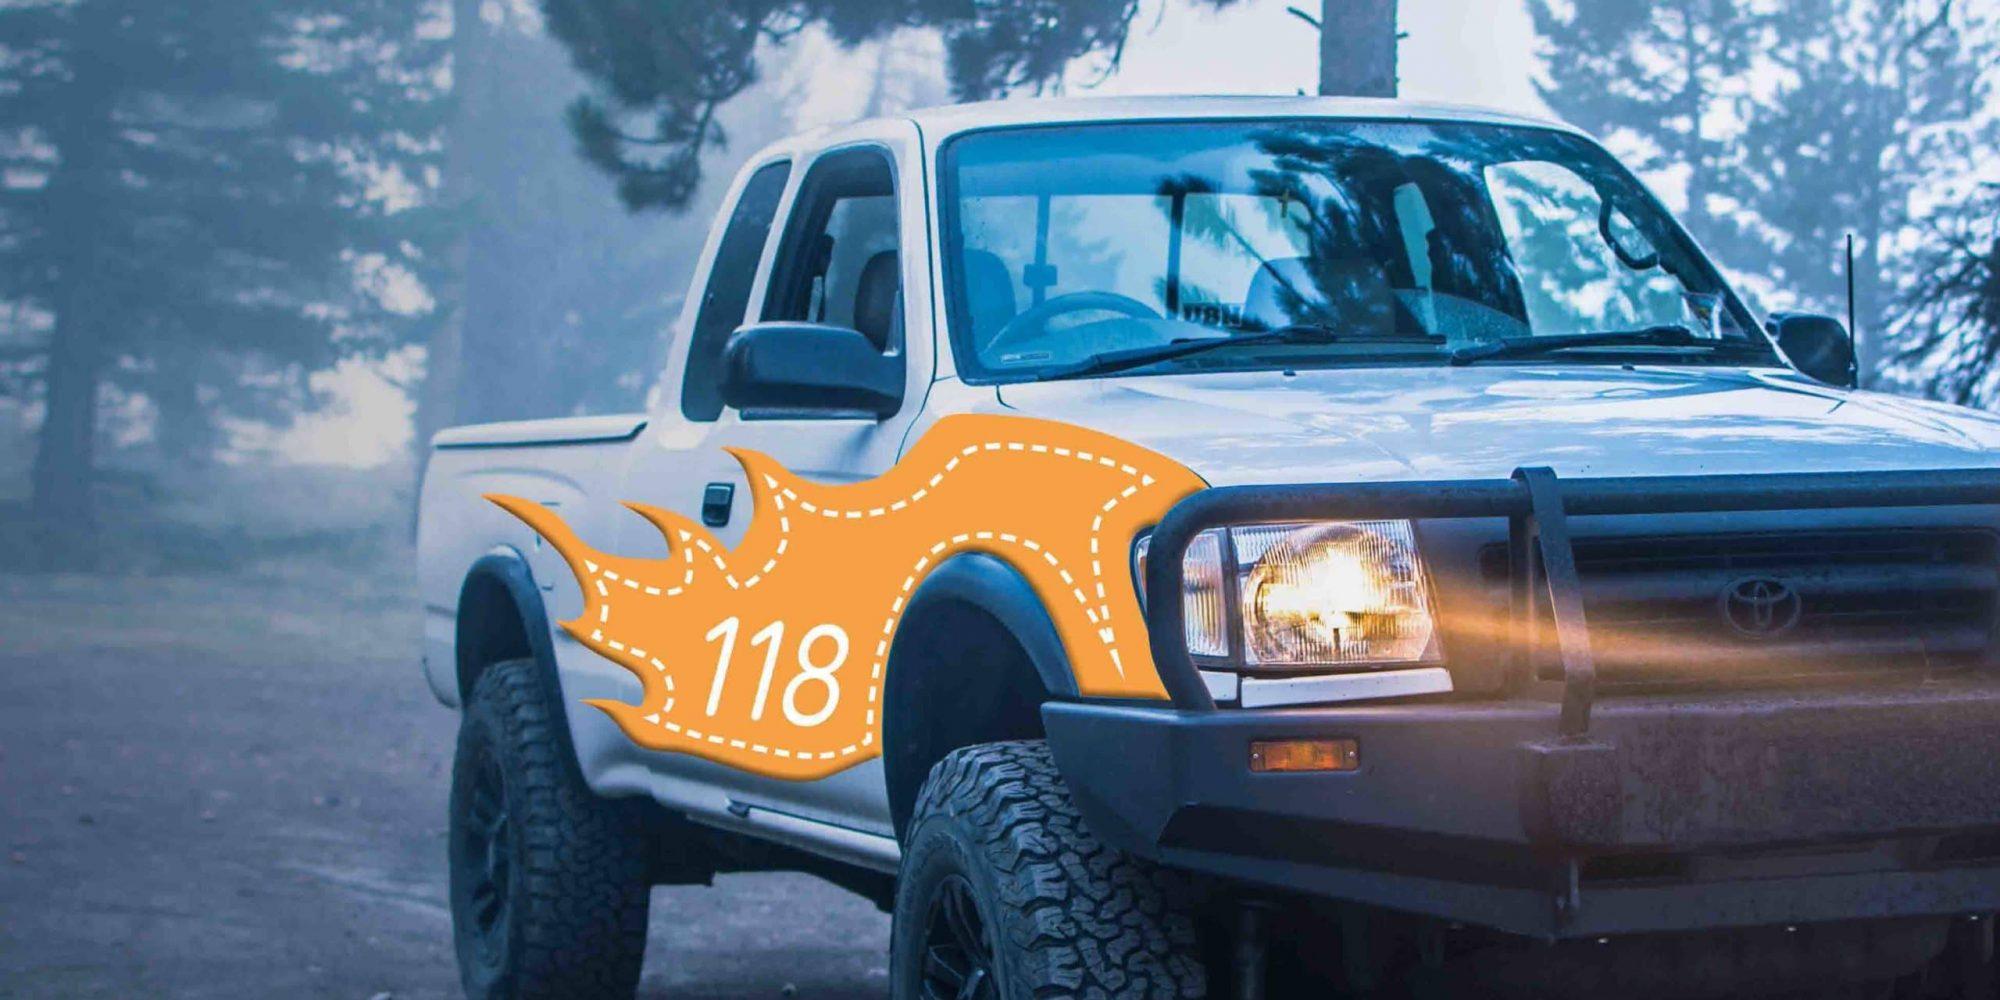 HK_Fahrzeugbeschriftung_Feuerwehr1_m